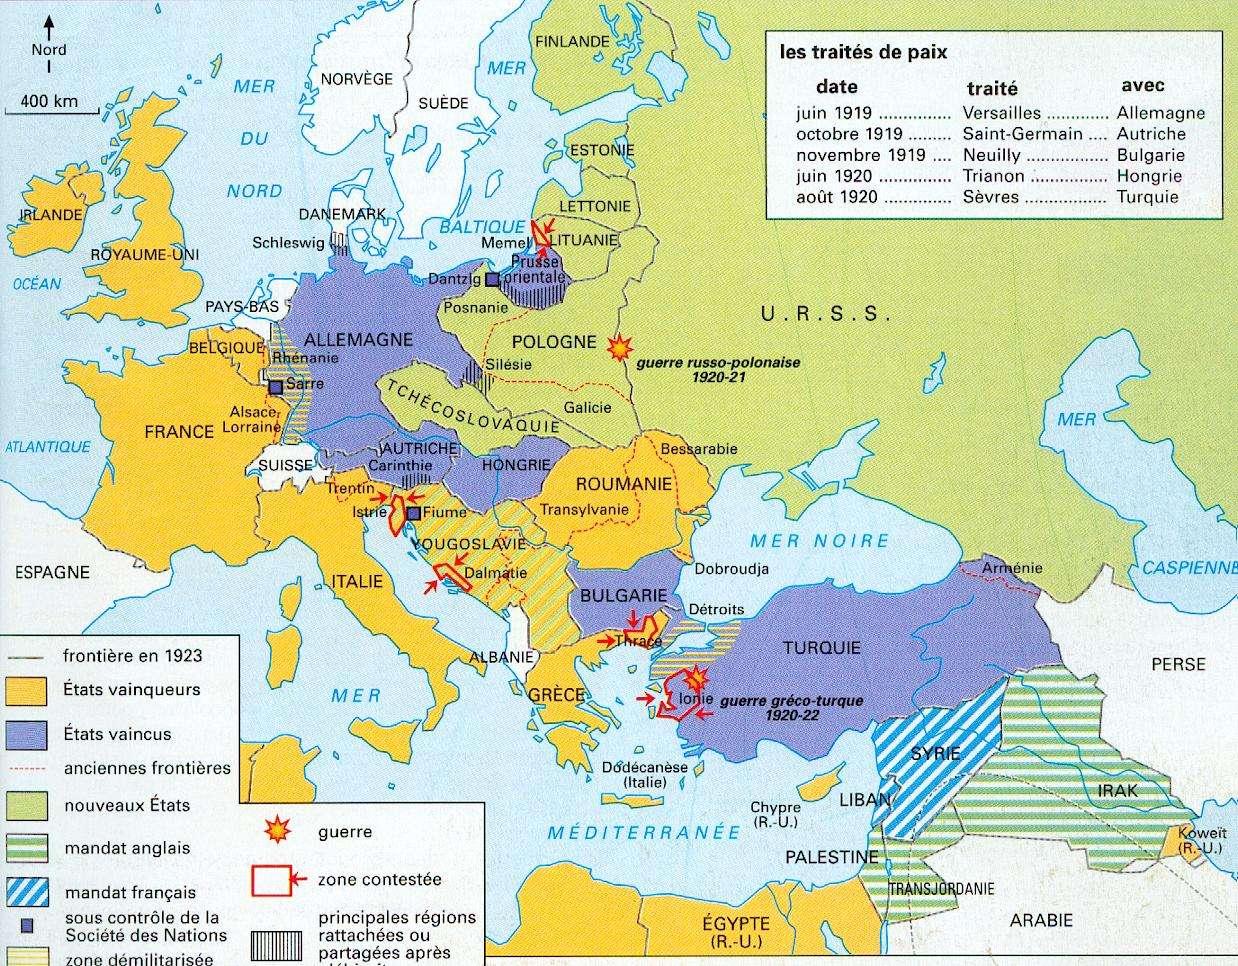 Carte De L Europe En 1923   casamagenta